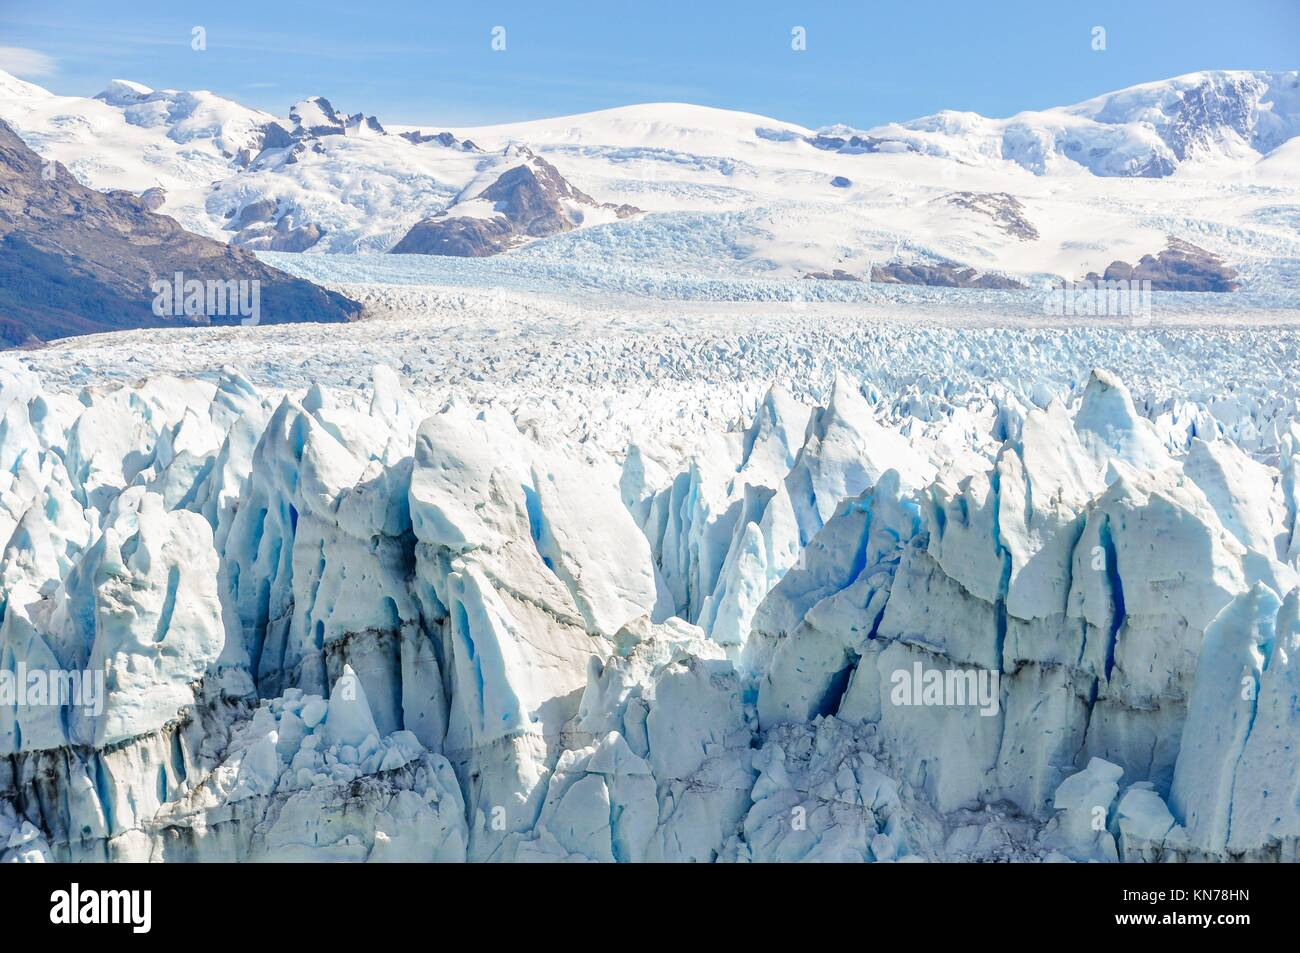 Side view of the Perito Moreno Glacier, Patagonia, Argentina. - Stock Image